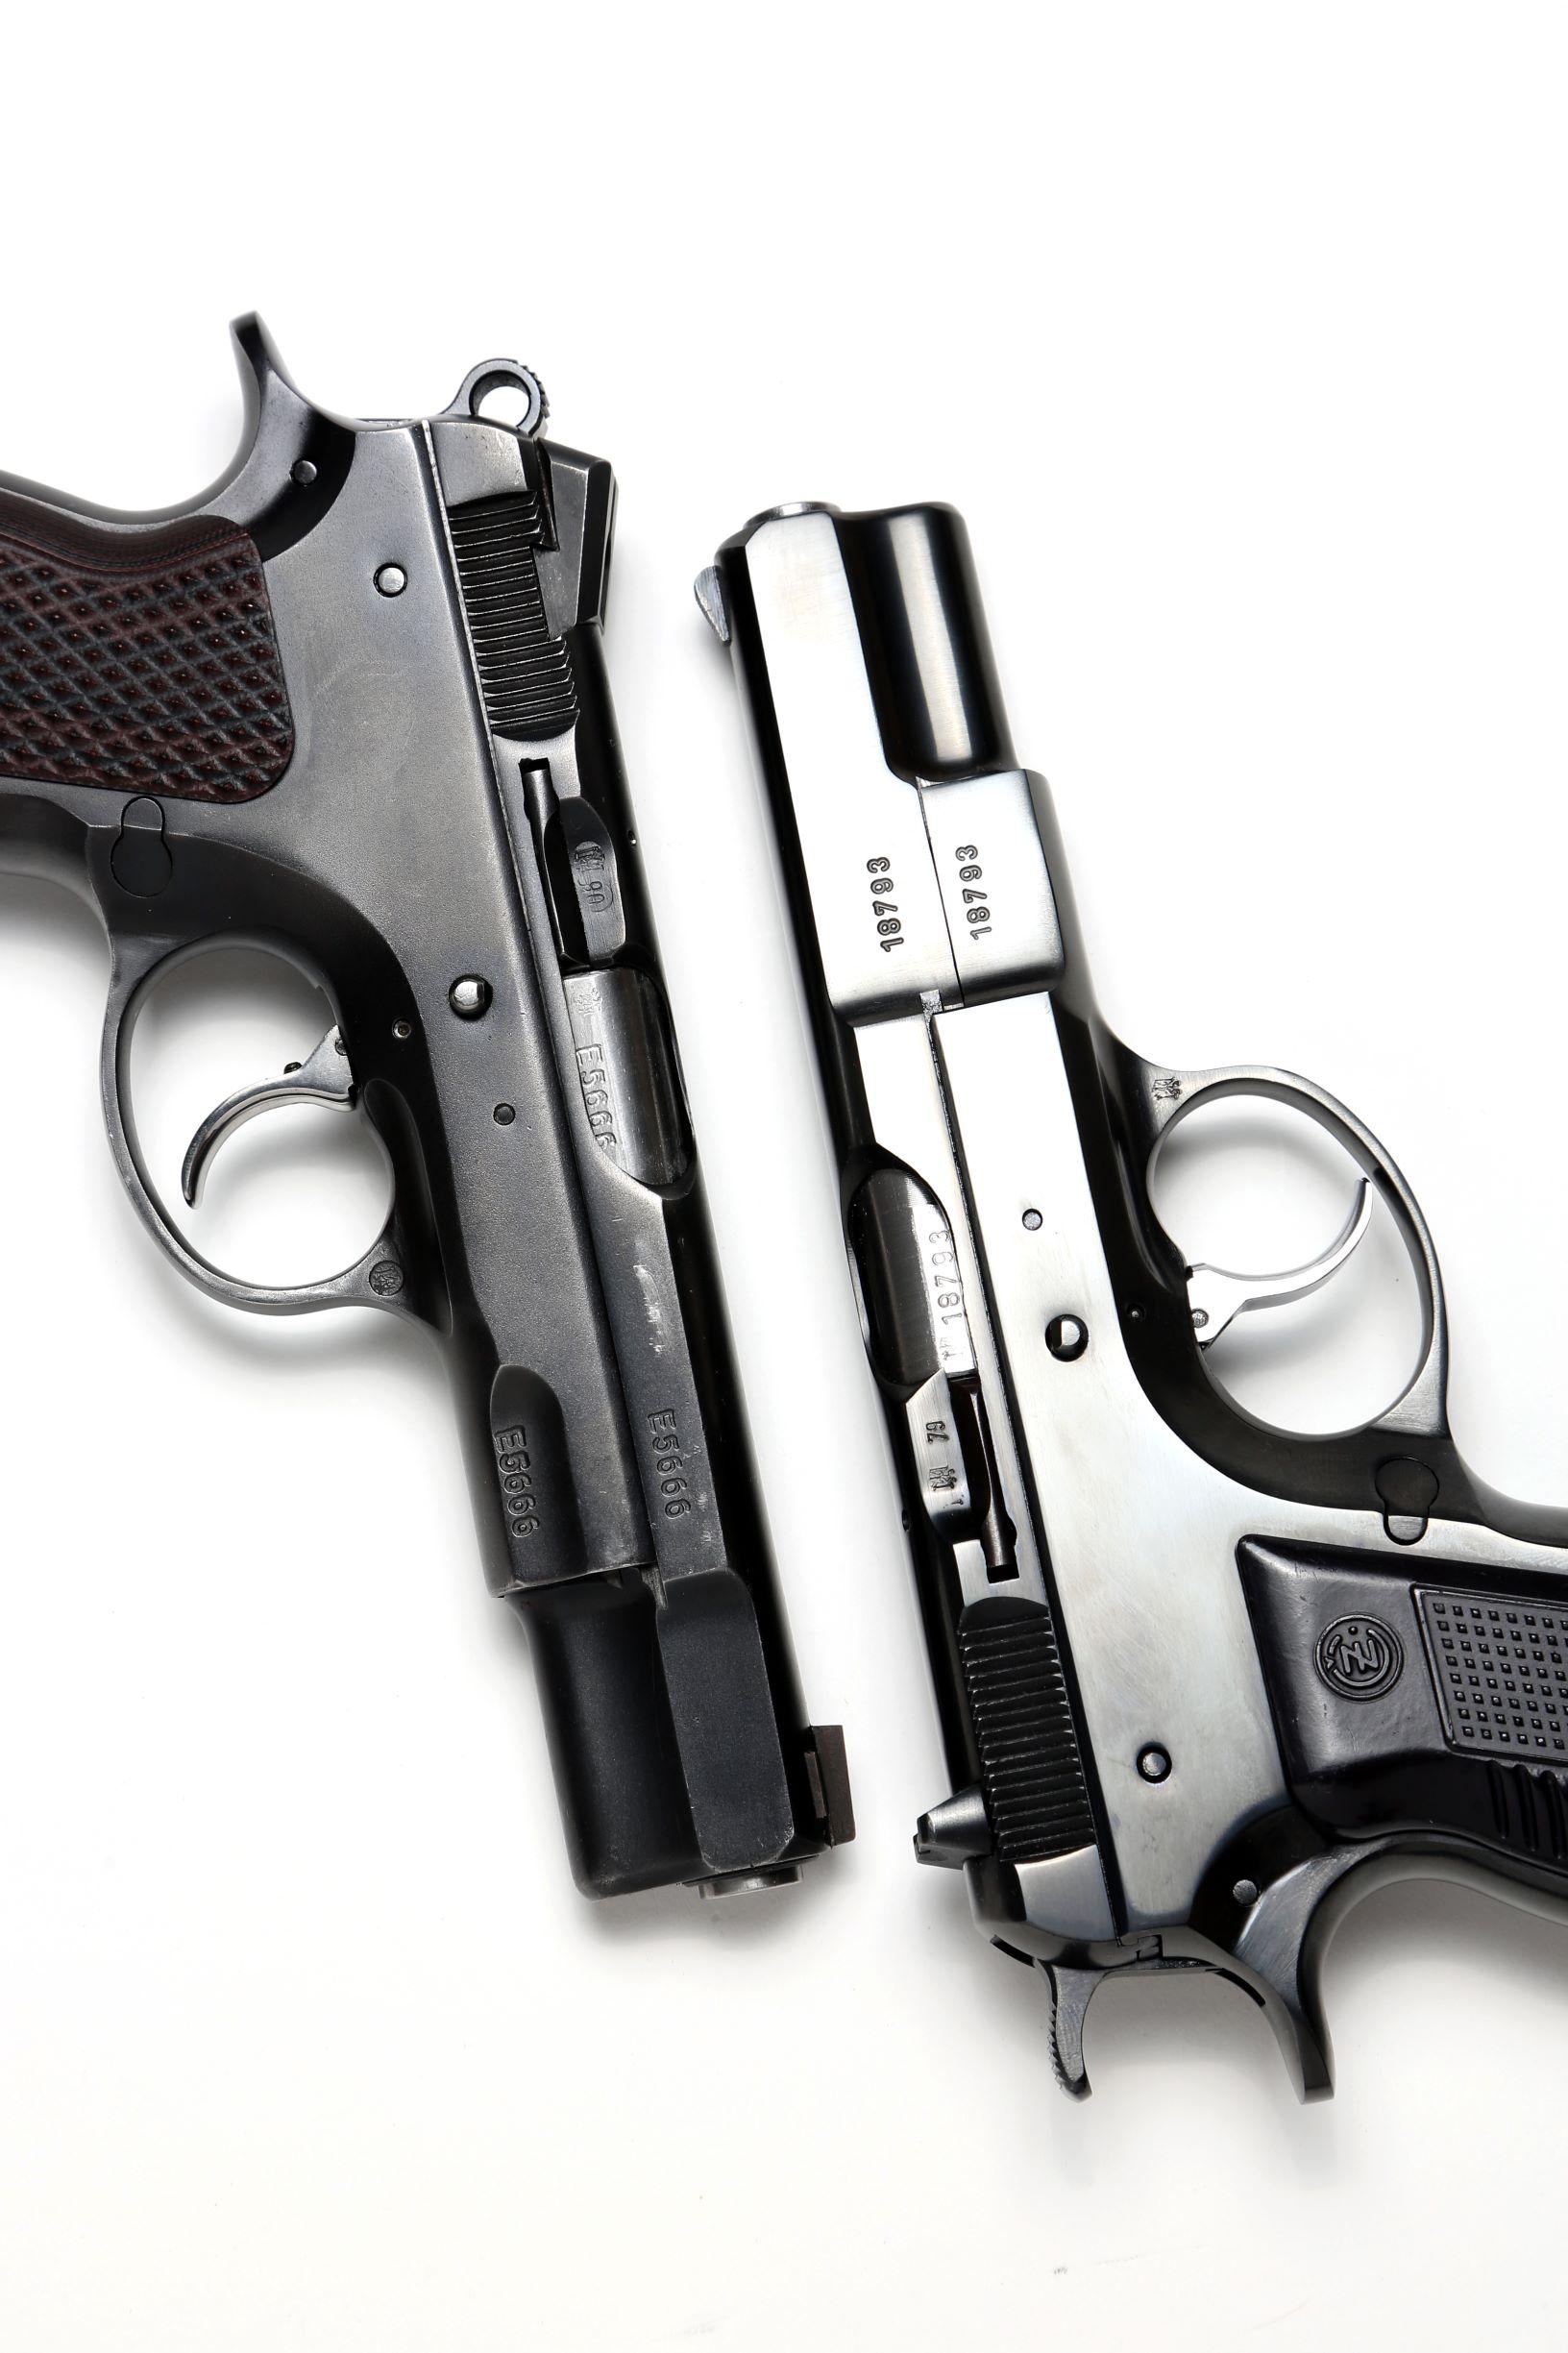 チェコスロバキア製ビンテージハンドガン「CZ75 First Model」【実銃】